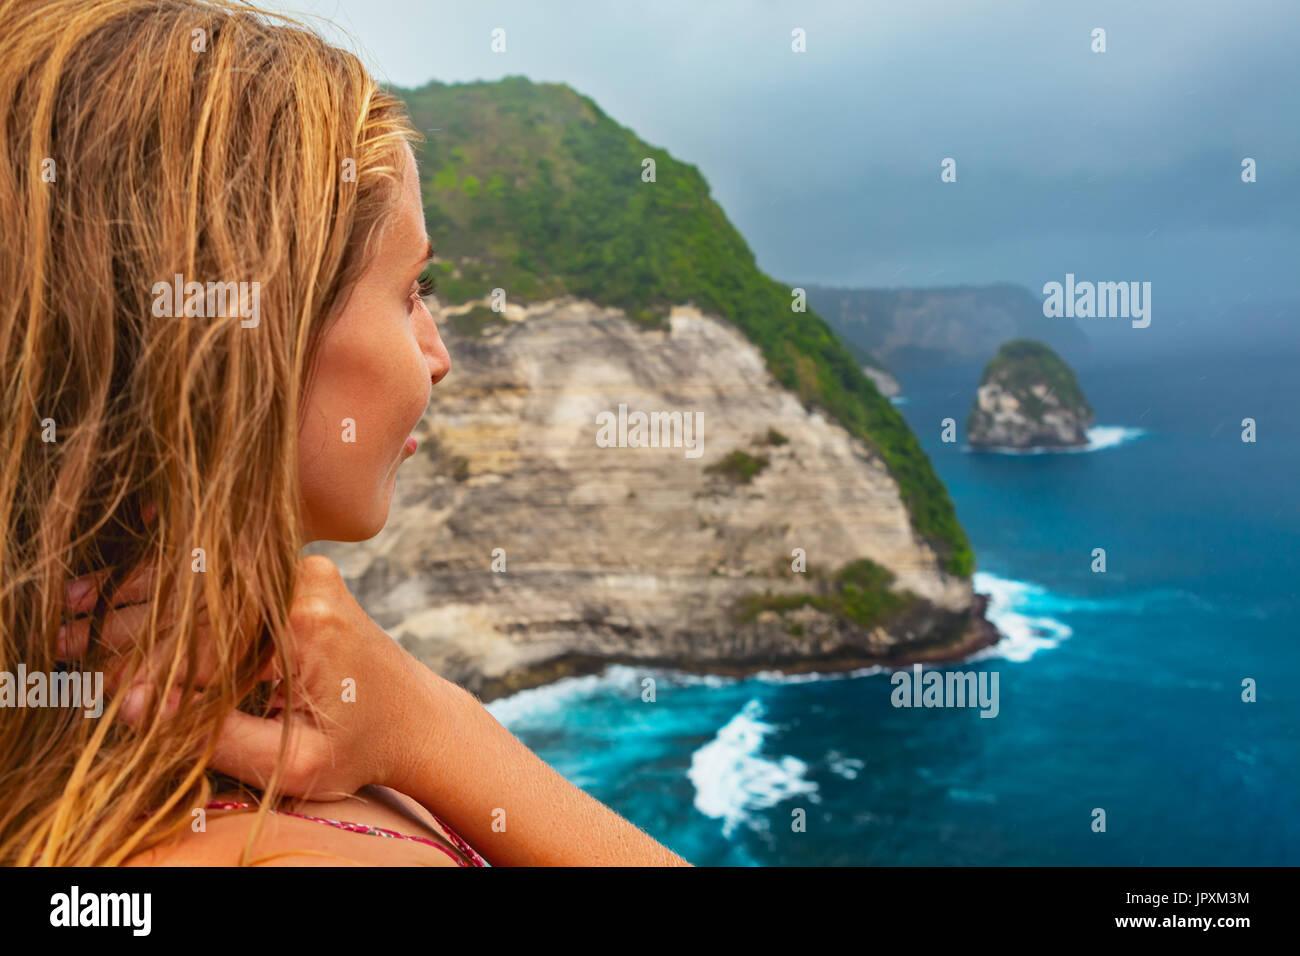 Style de vacances en famille.Woman stand à haute falaise sous ciel pluvieux. Regarder la mer avec plage de surf sous les roches. Destination Voyage à Nusa Penida, Bali Photo Stock